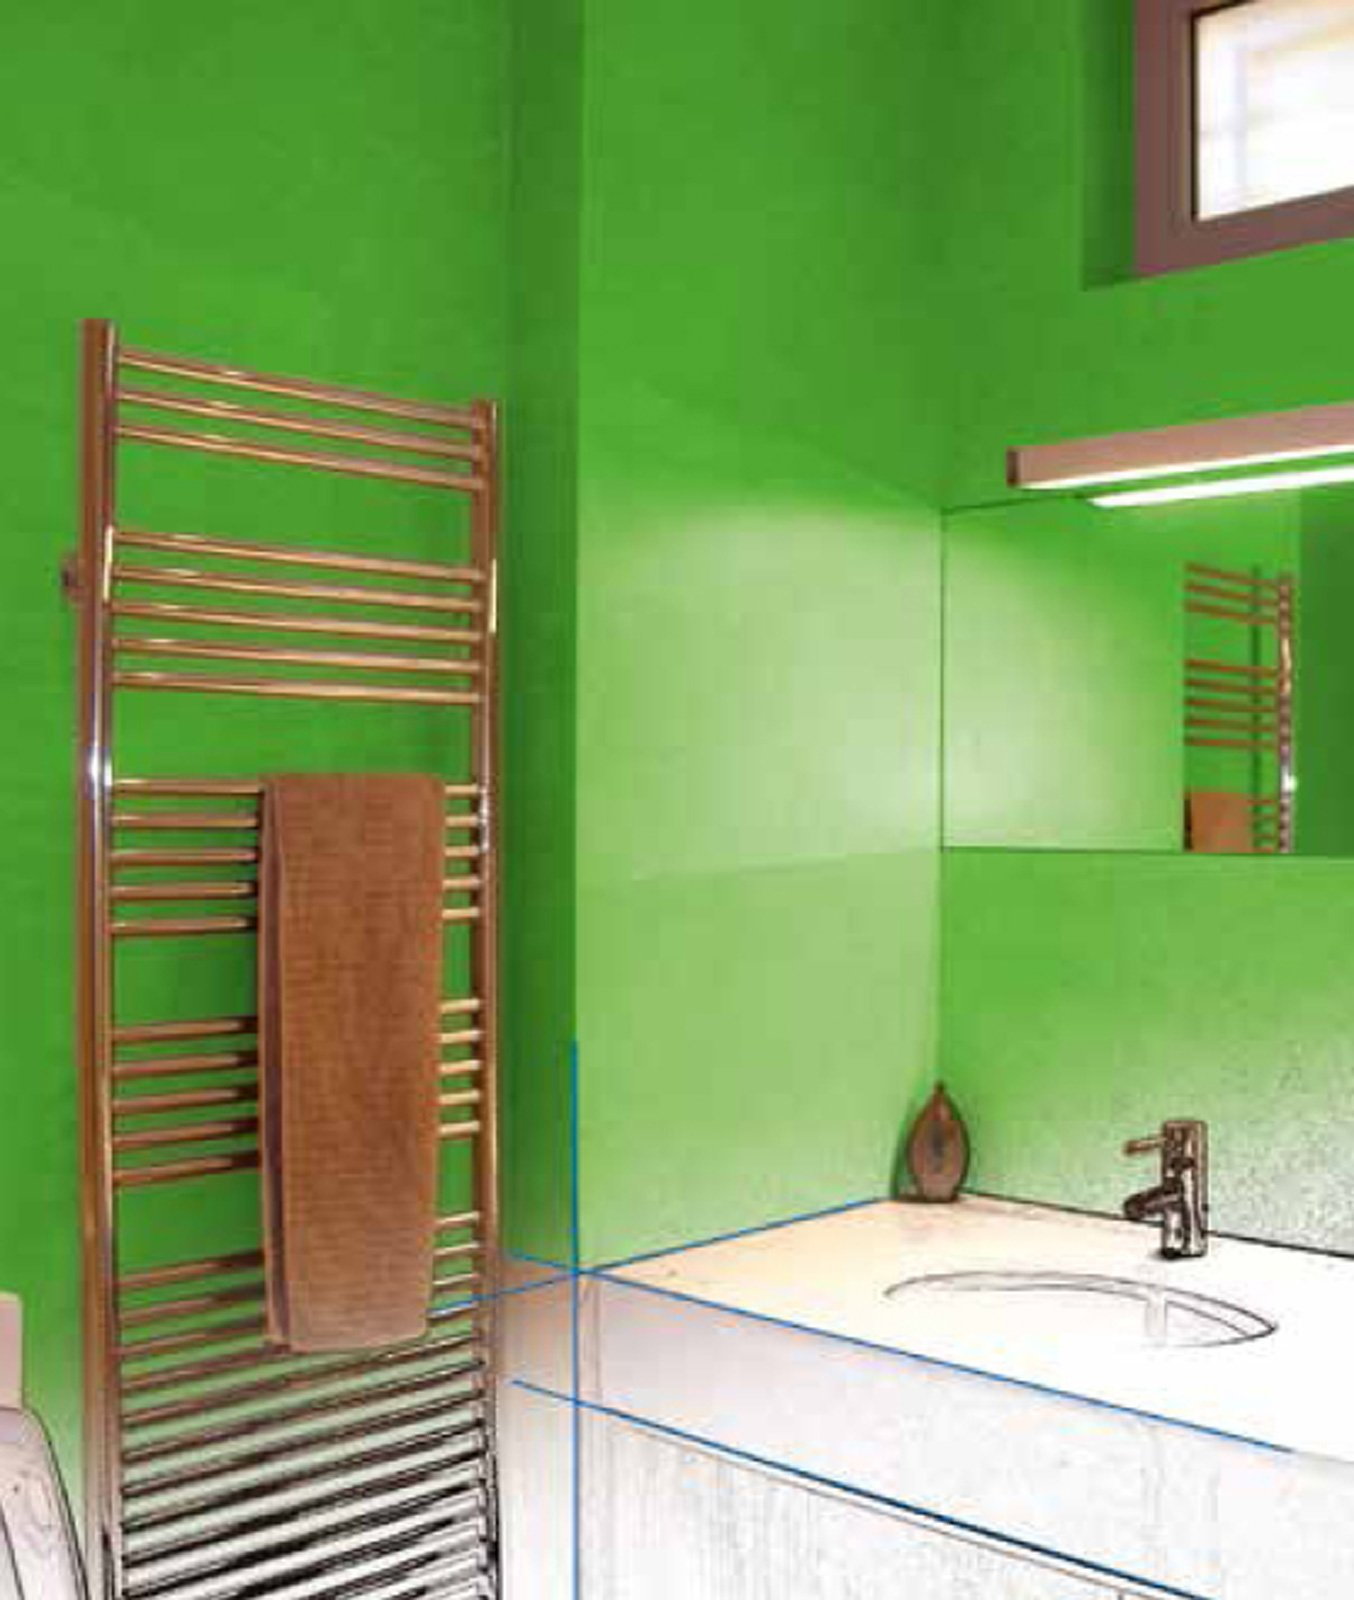 Eliminare muffa ed efflorescenze dal bagno cose di casa - Muffa bagno candeggina ...